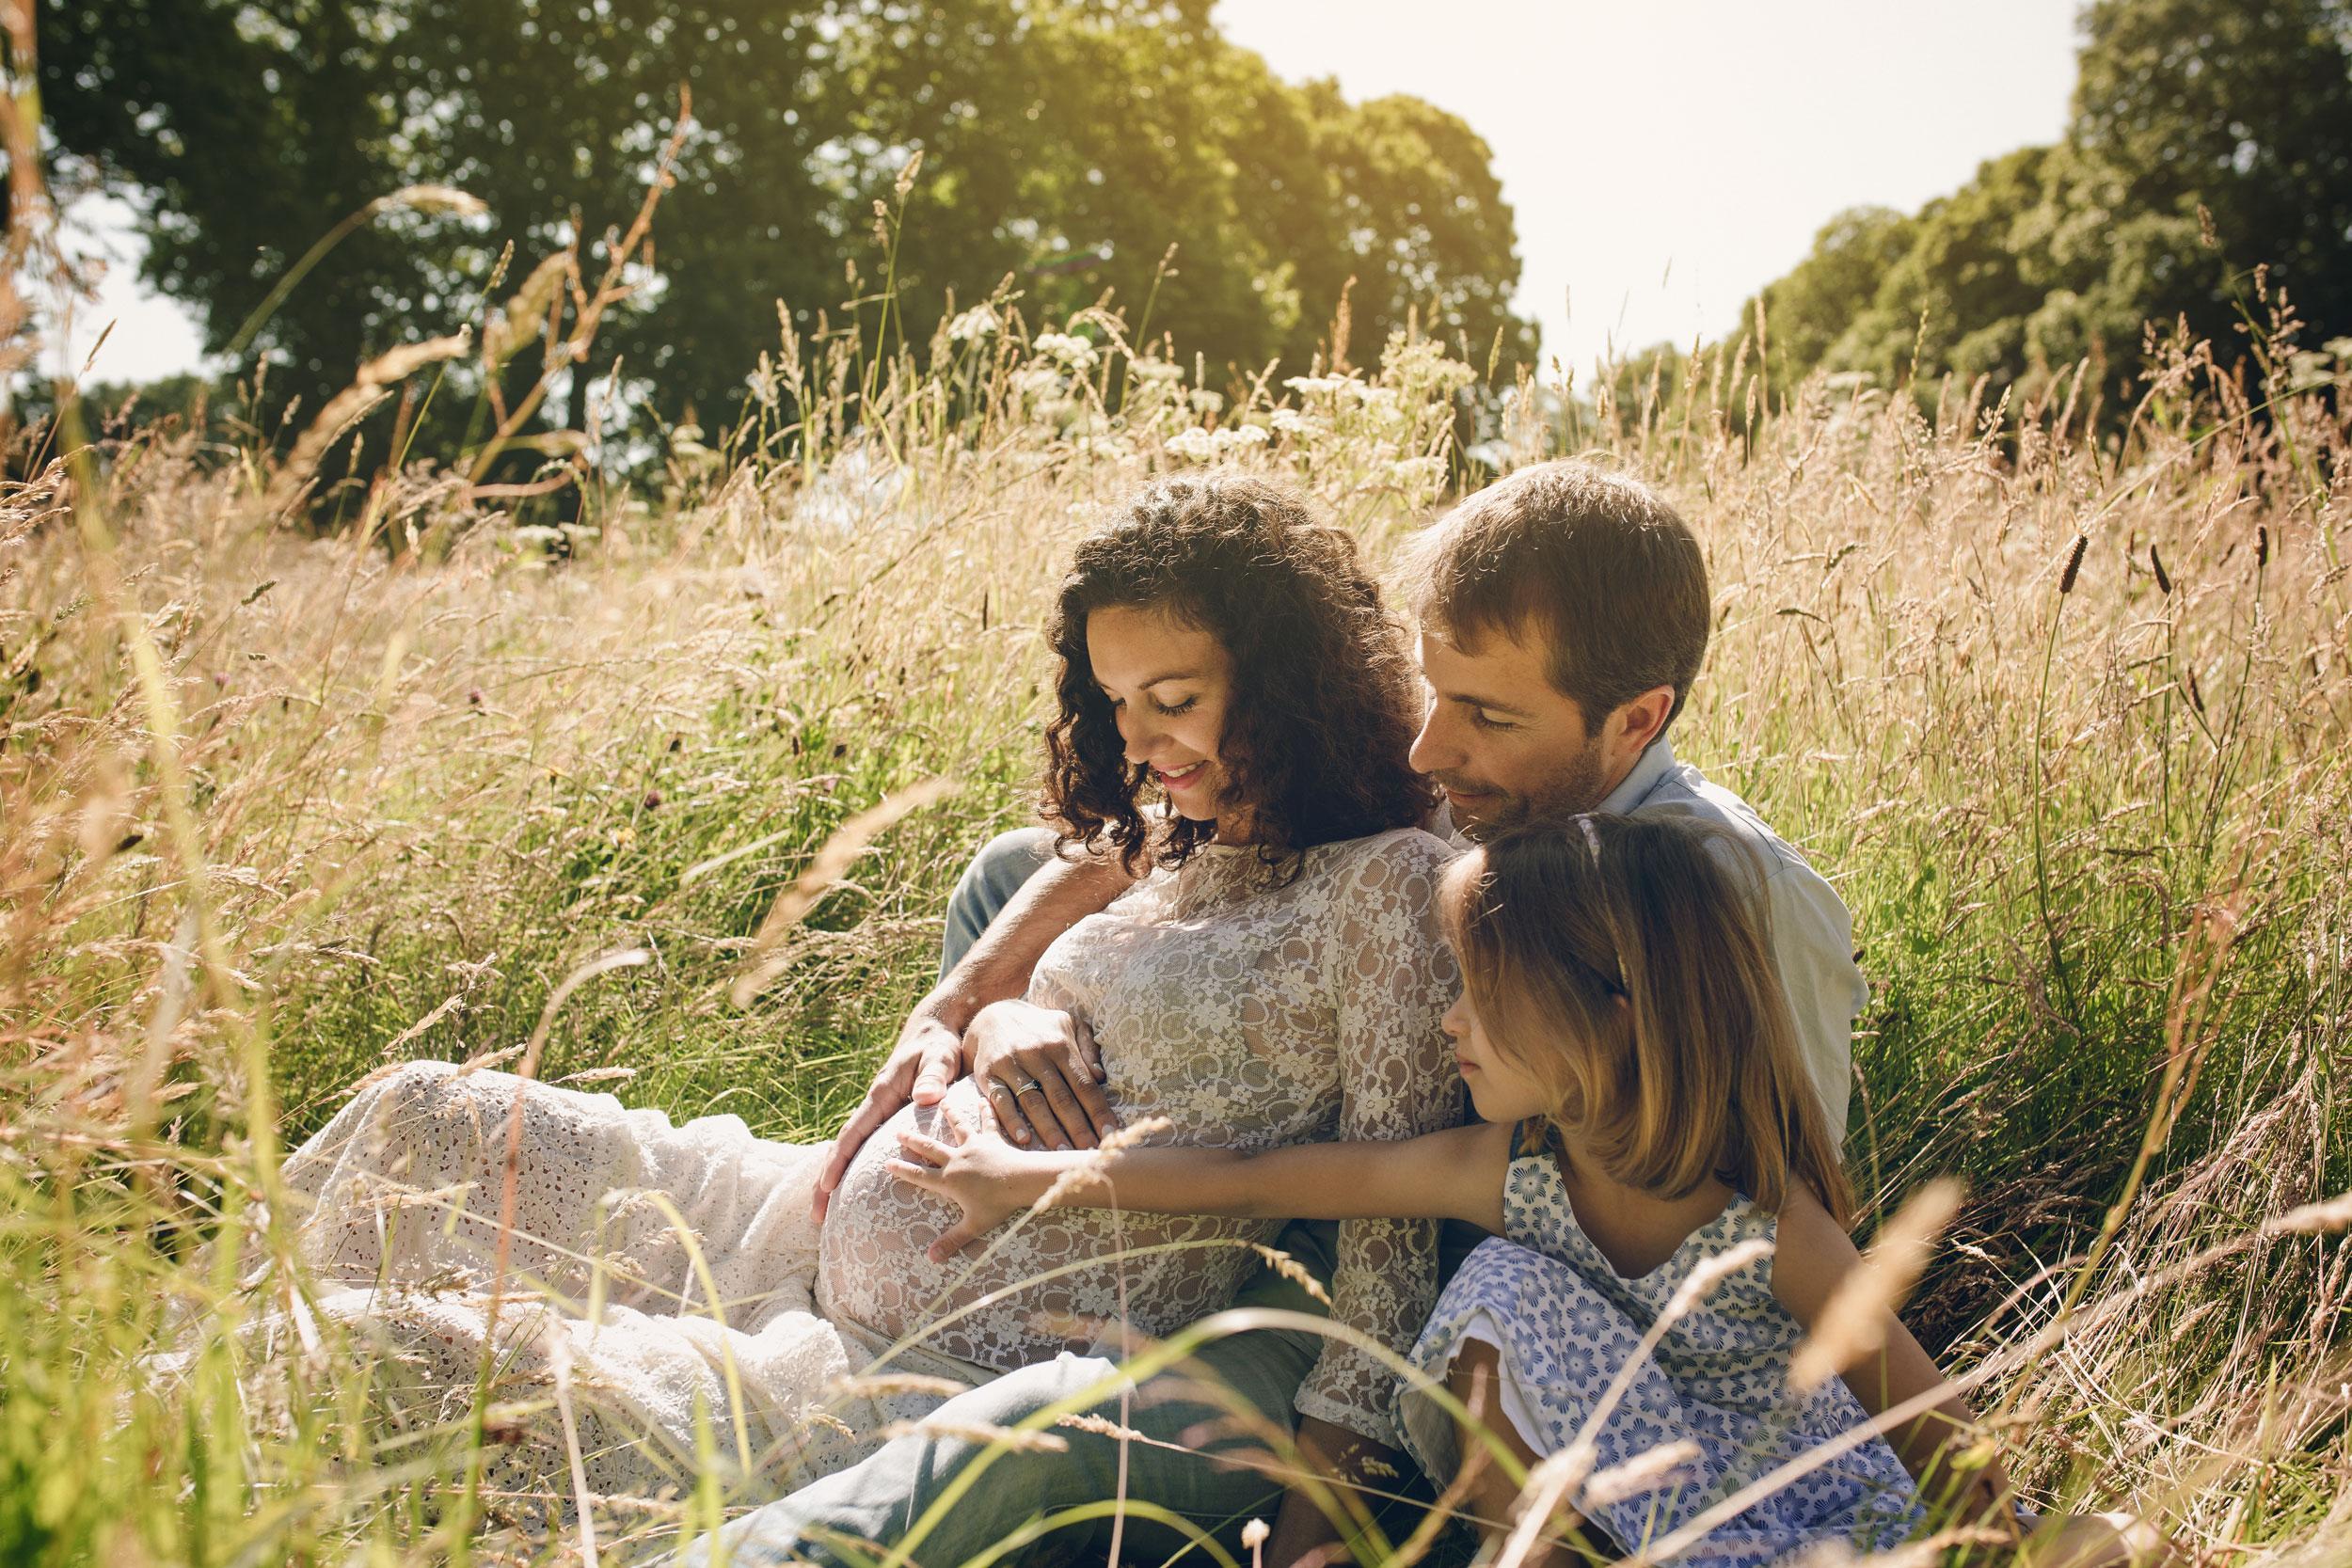 photographe-famille-grossesse